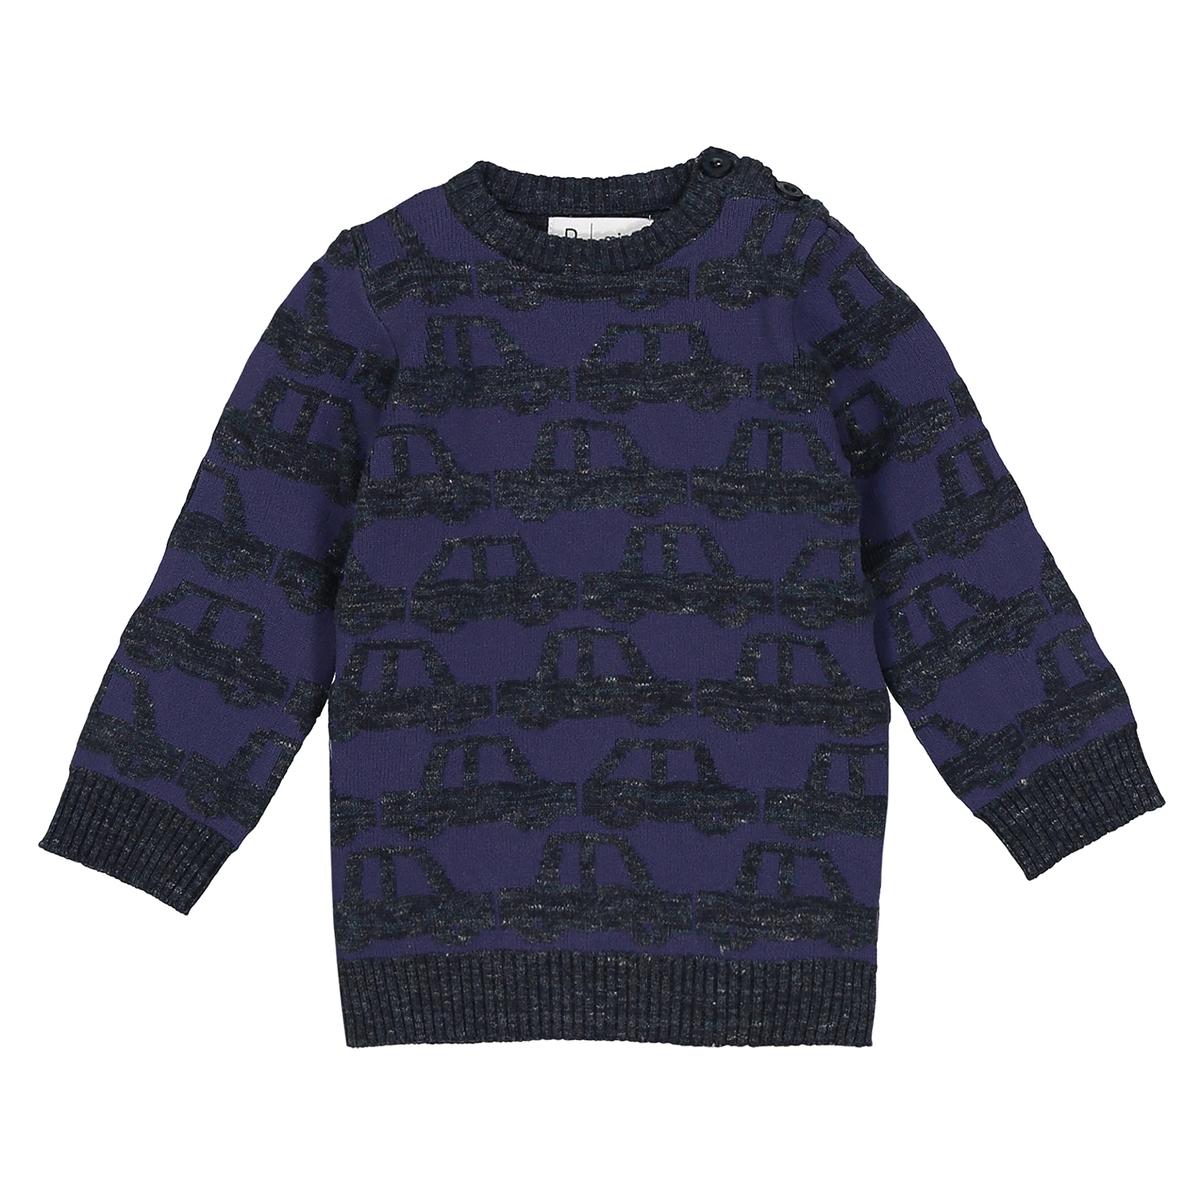 Sweter z okrągłym dekoltem w samochody - 1-36 mies.